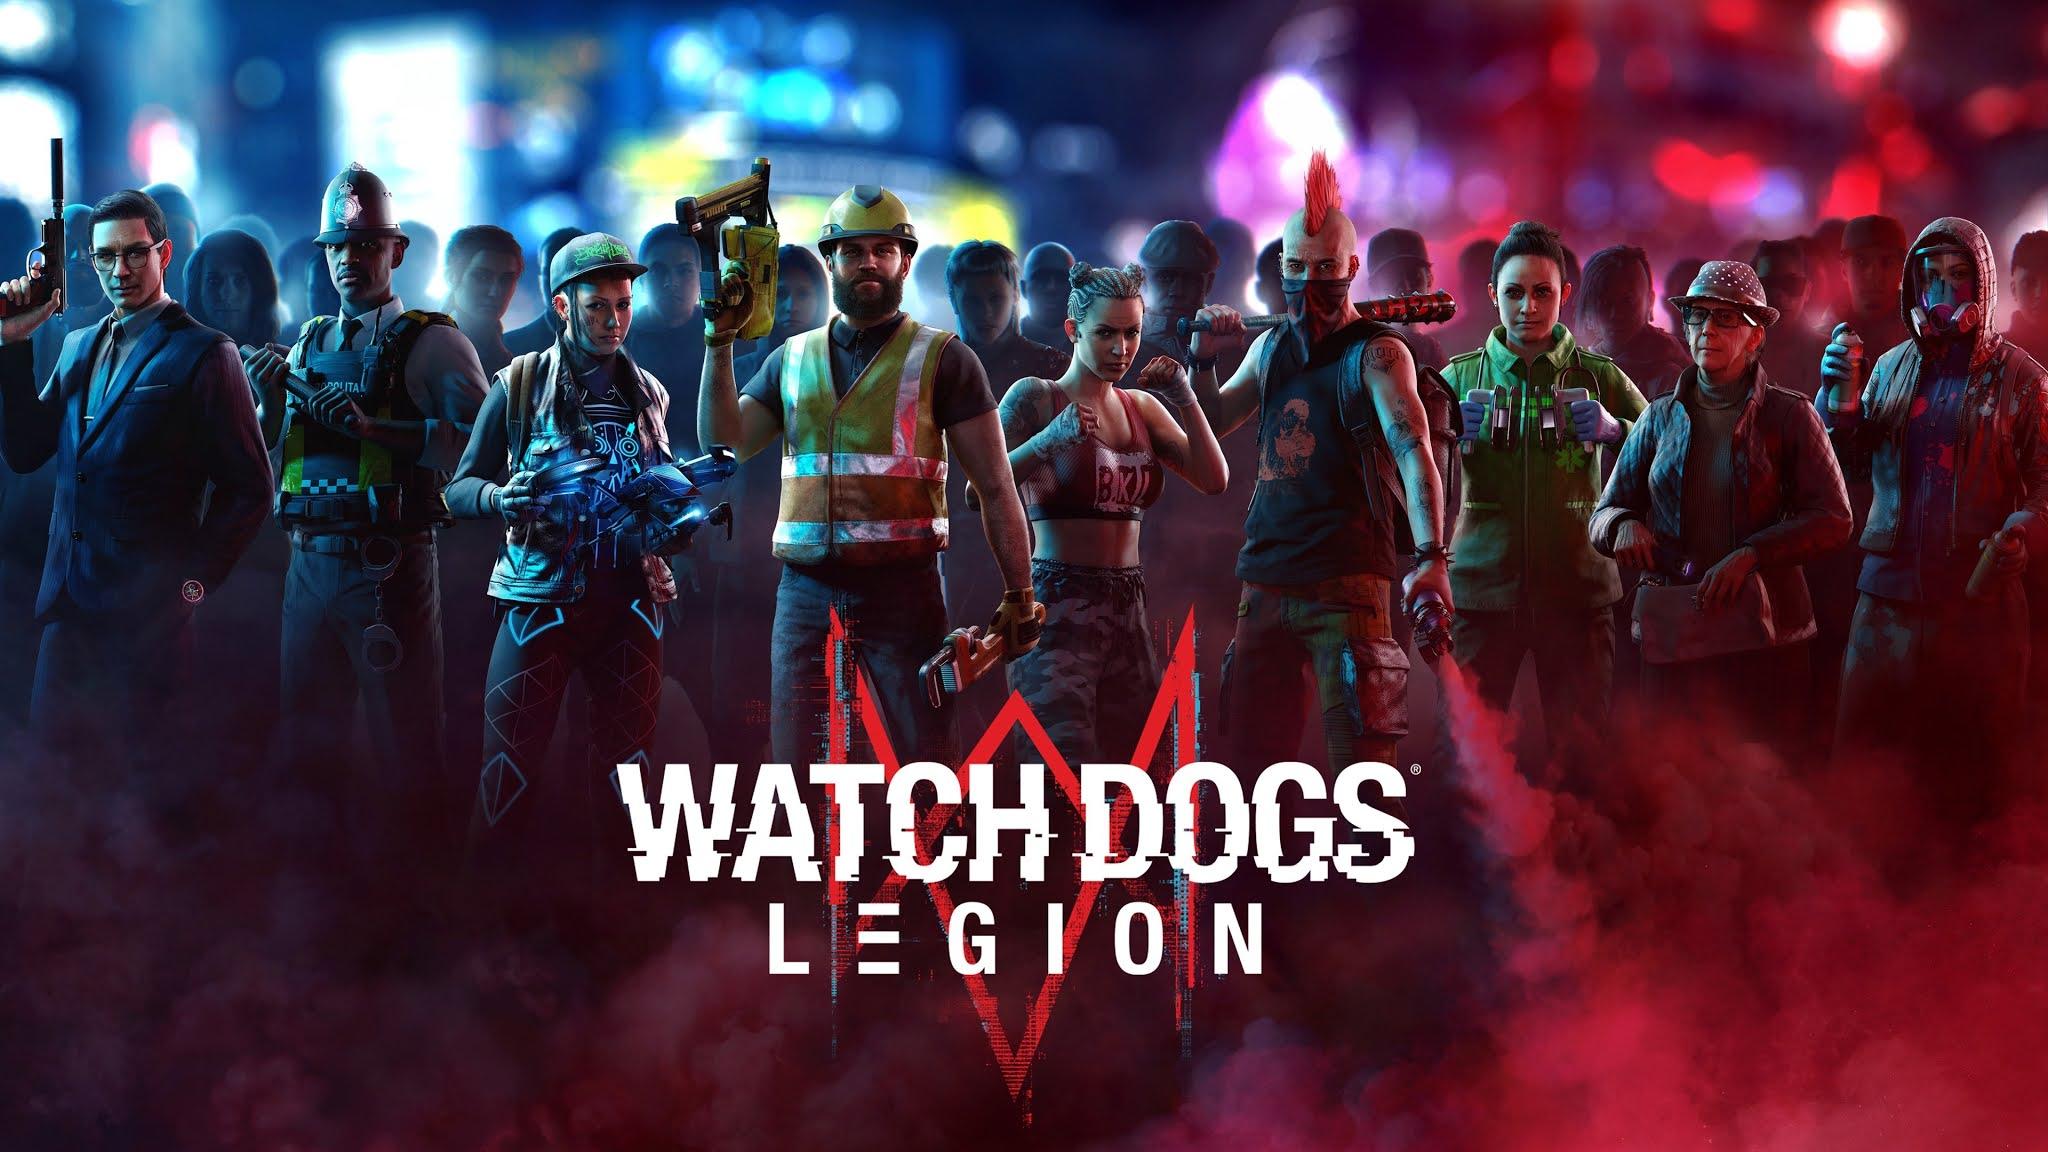 Watch Dogs Legion Wallpaper